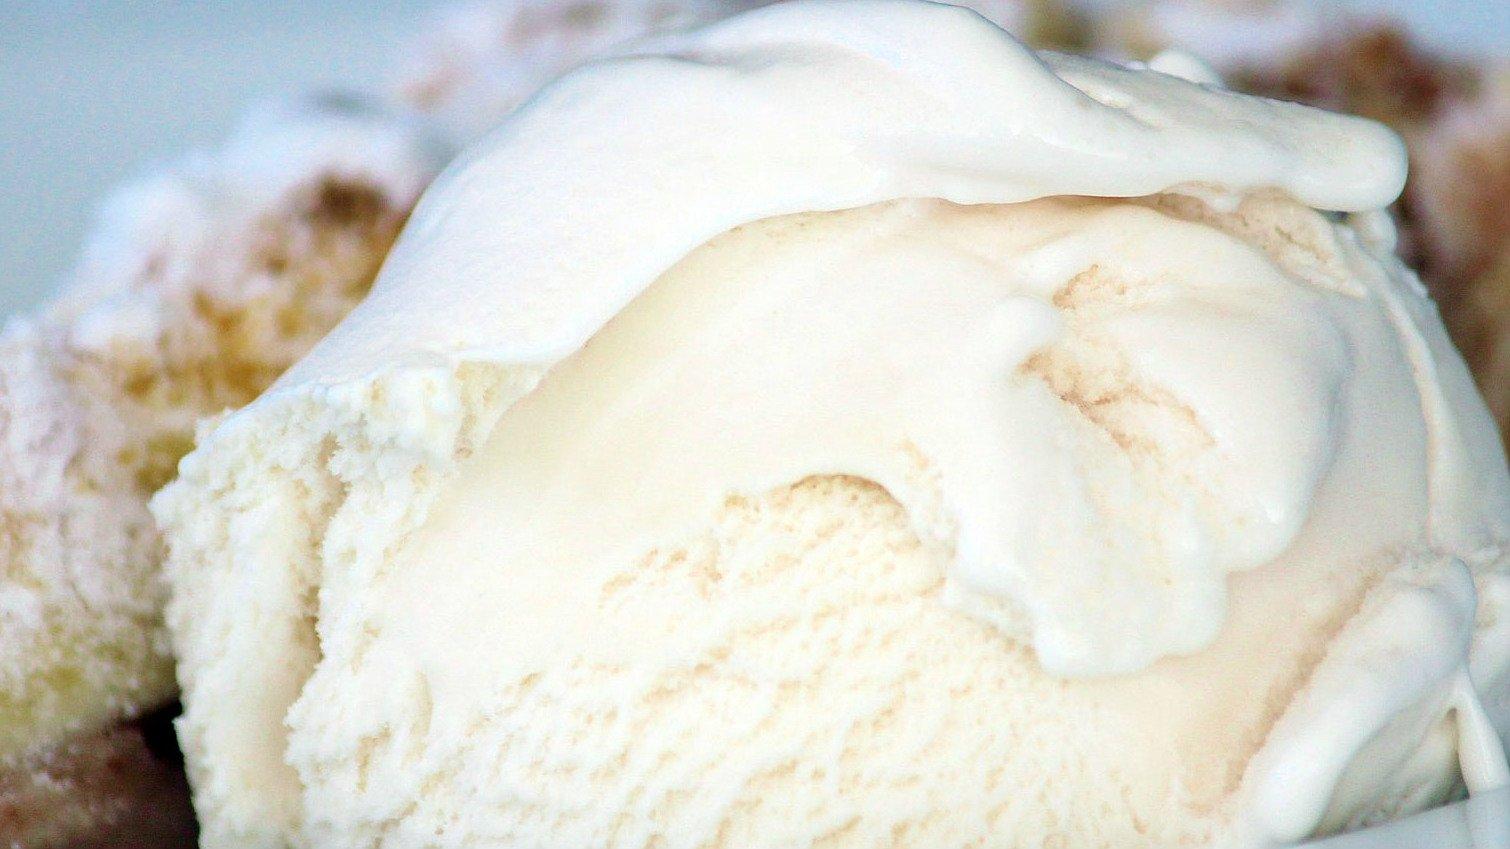 Få opskrift og fremgangsmåde til at lave is uden ismaskine på fem minutter her.